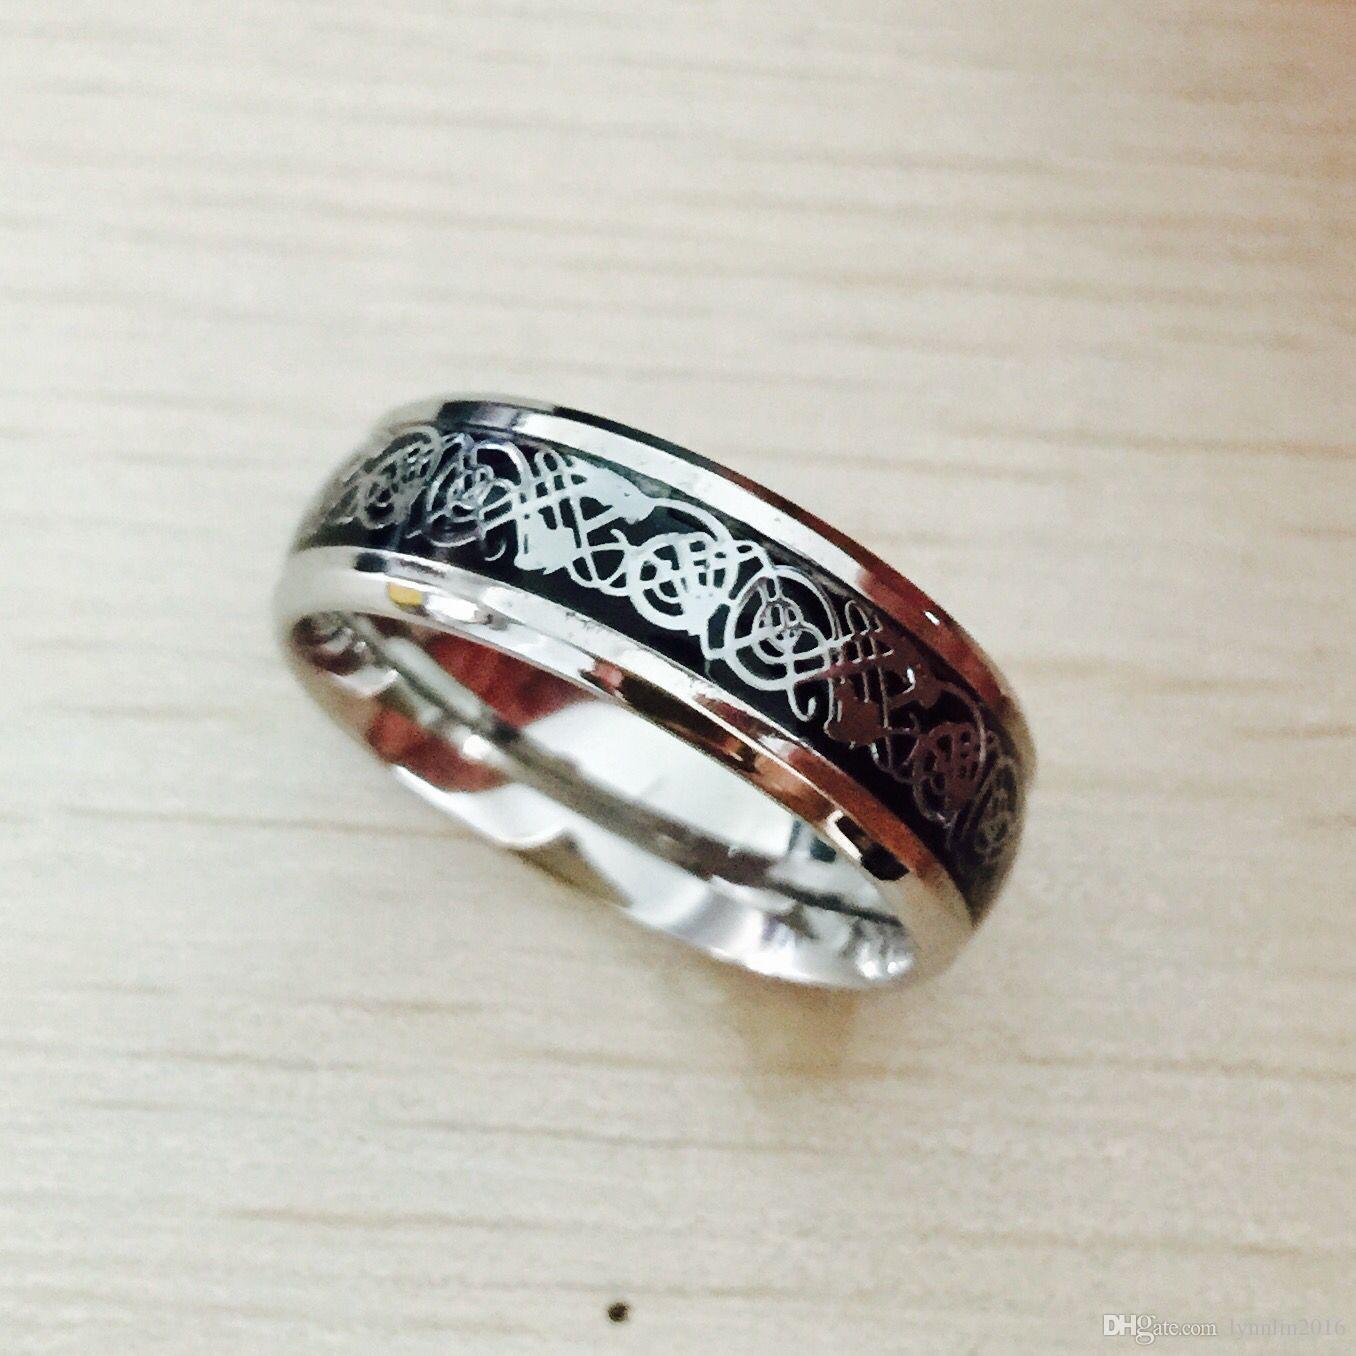 San Valentino Vintage Vintage acciaio al tungsteno bianco Anello d'oro gli uomini signore Titanium anelli di nozze Band nuovi gioielli anello punk